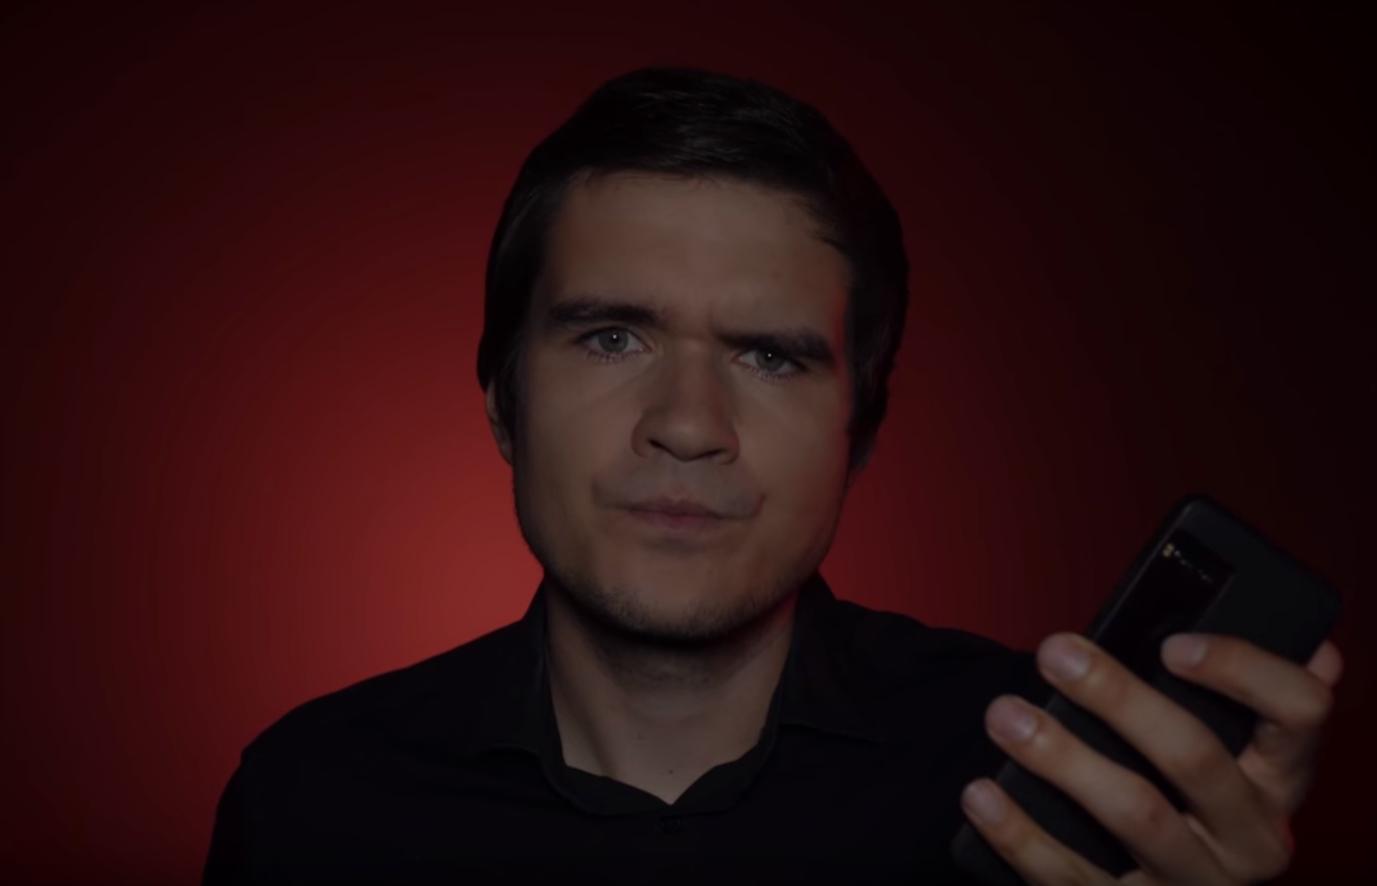 Киноблогер BadComedian рассказал о лжи Ксении Собчак, пытавшейся ему помочь в скандале с компанией Kinodanz